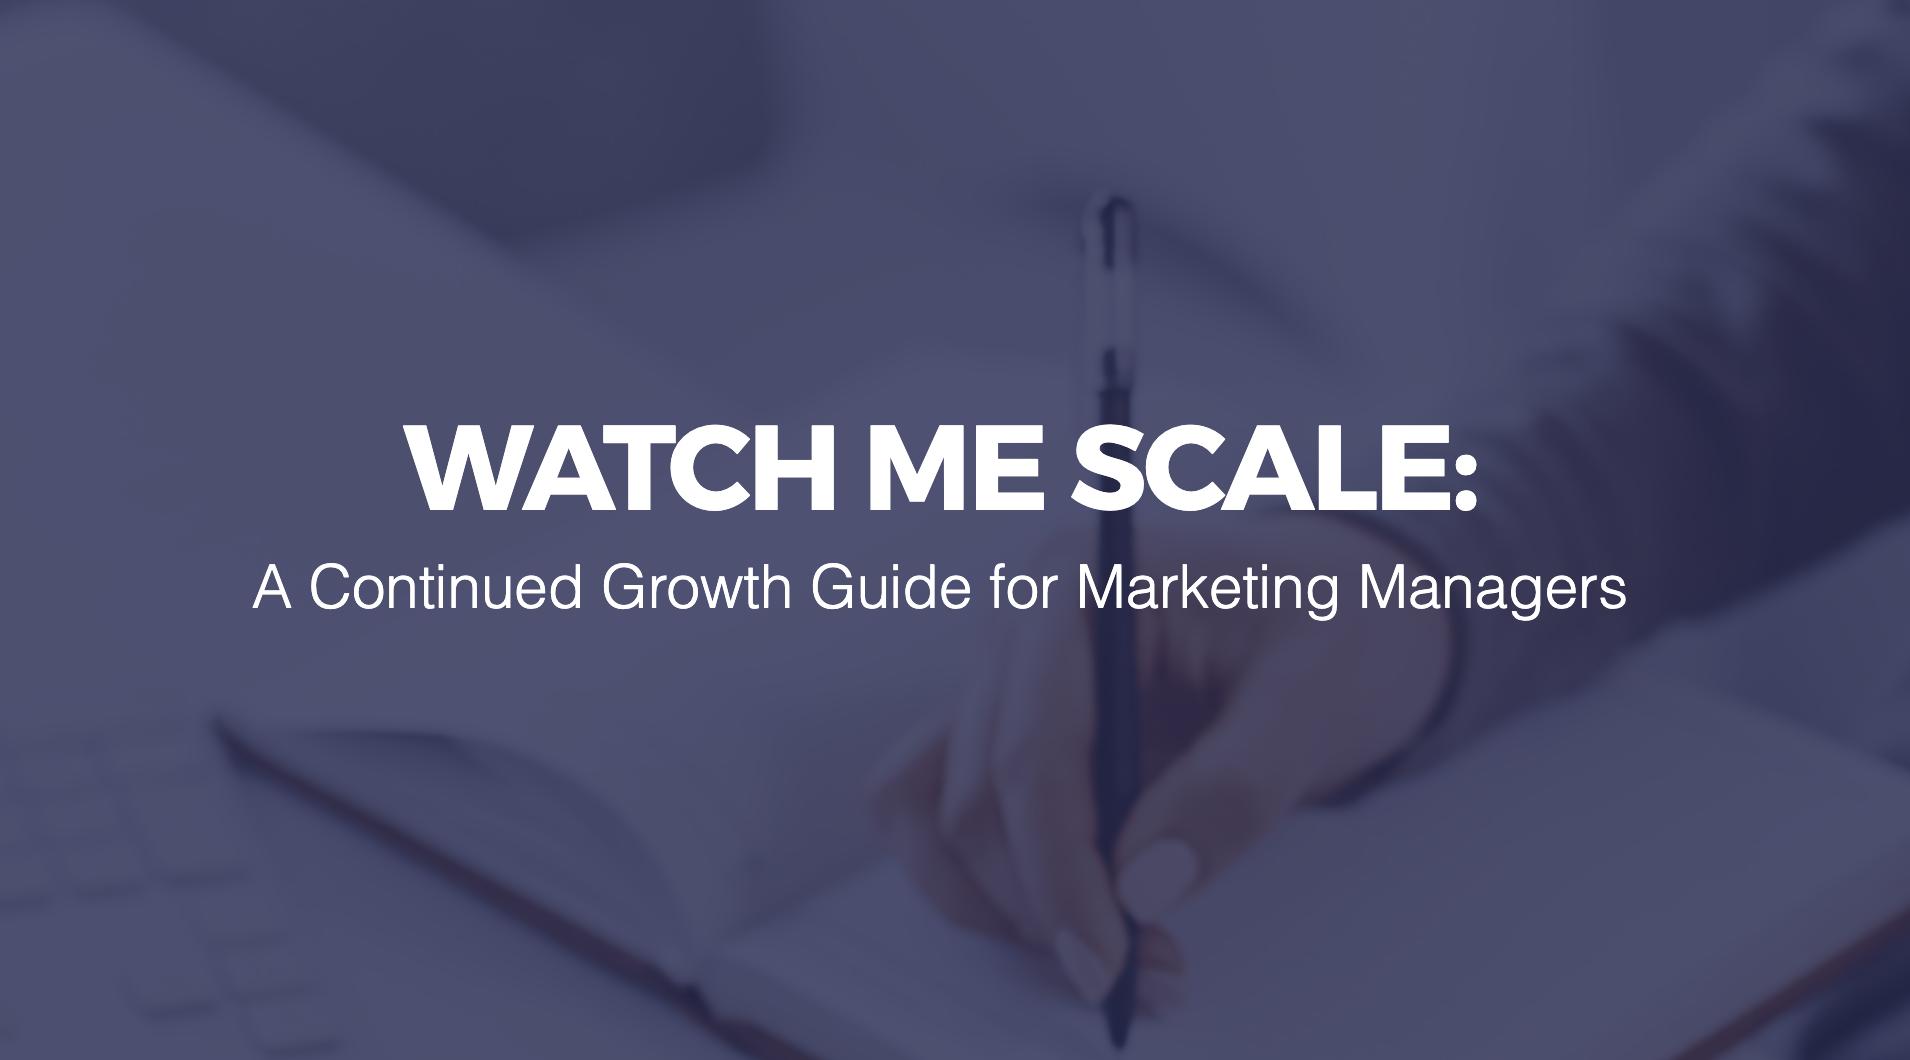 growthguideformarketingmanagers